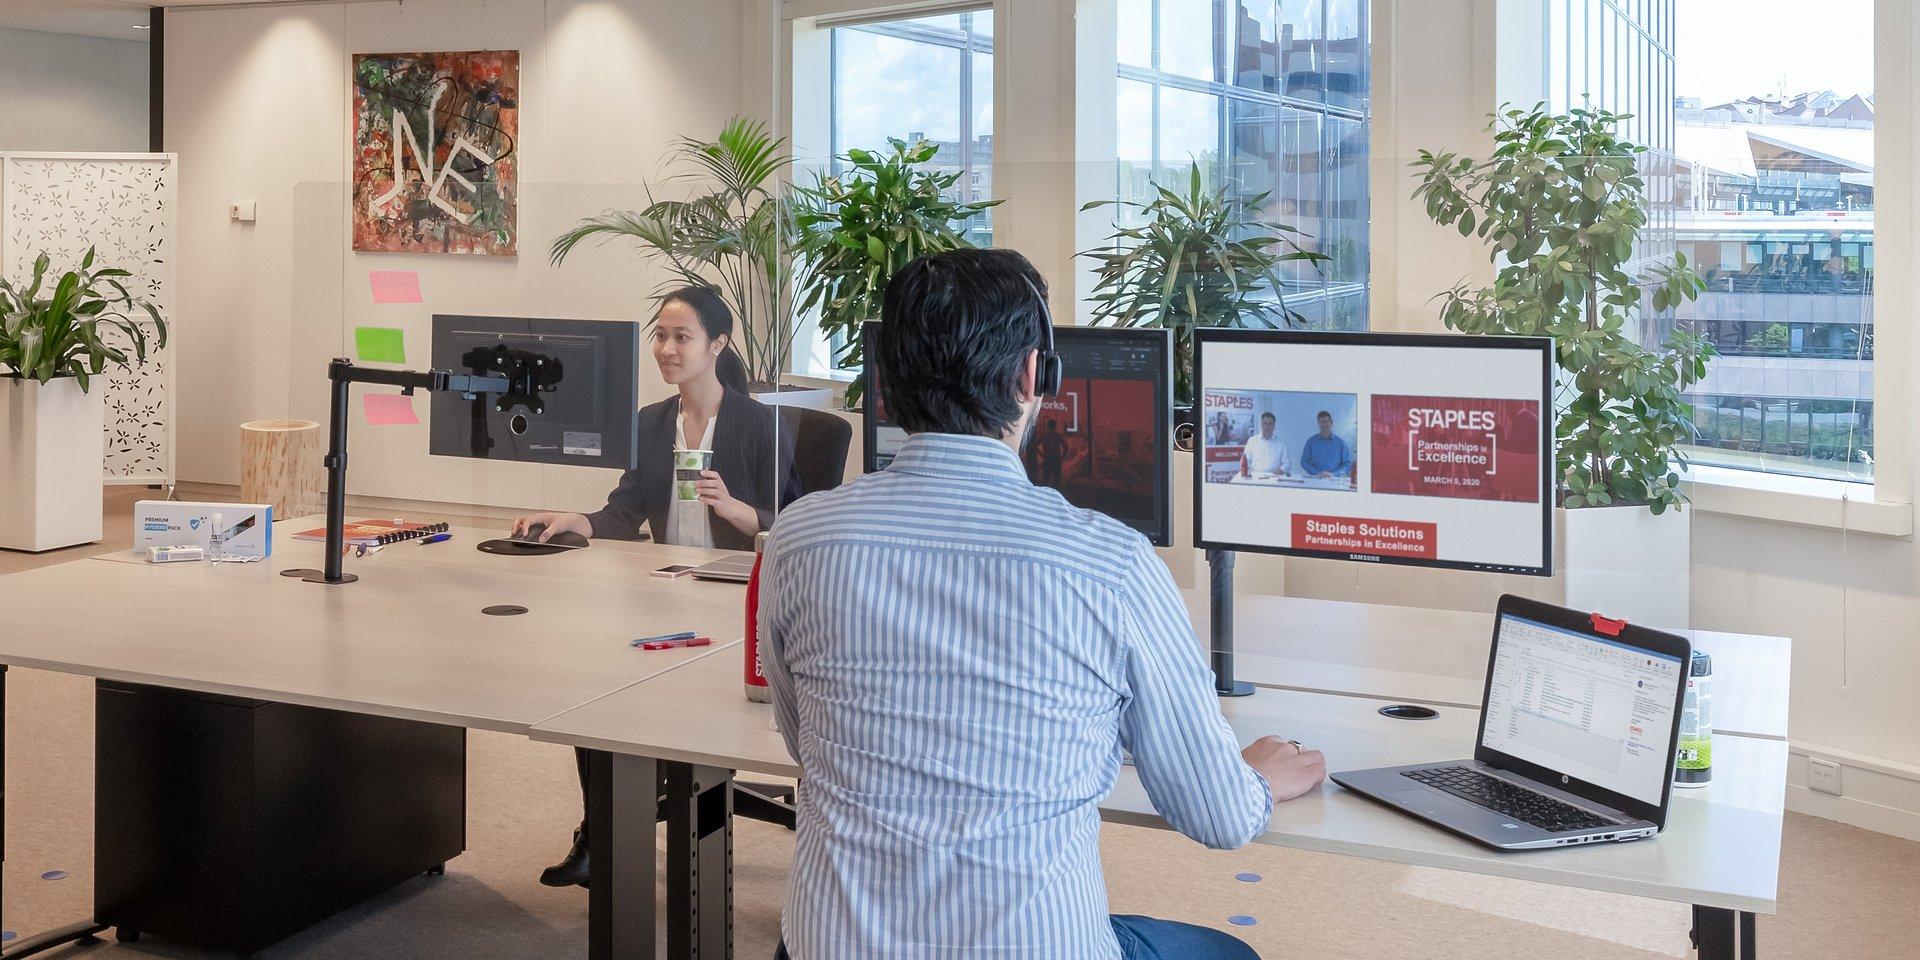 """Firma Staples wprowadza """"Plan C"""", który ma pomóc firmom w bezpiecznym powrocie do pracy i dostosowaniu się do nowej rzeczywistości"""